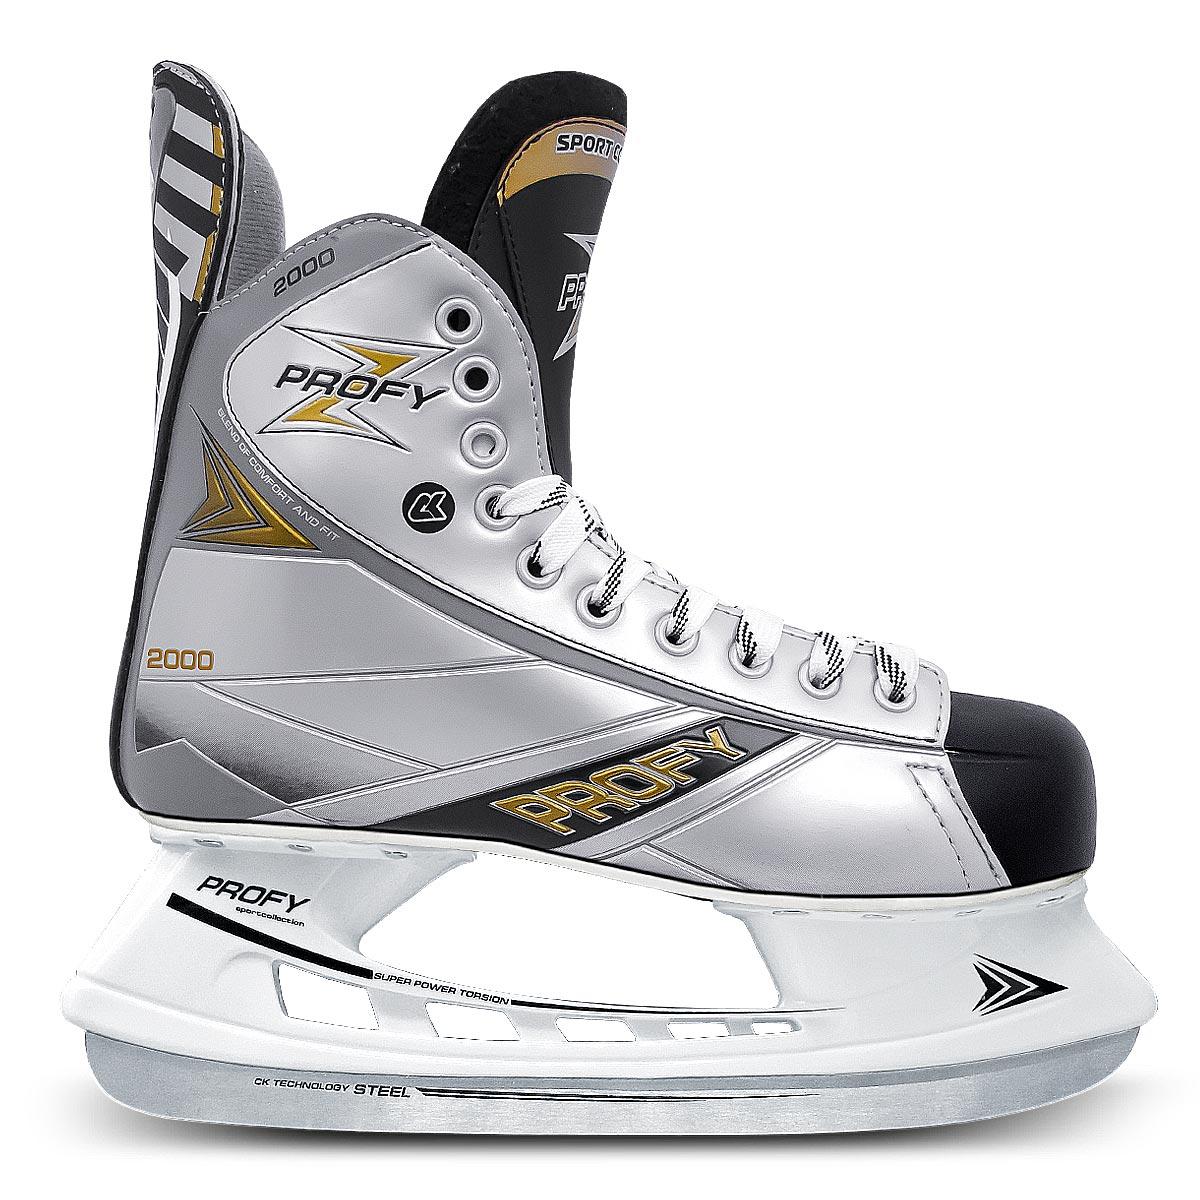 Коньки хоккейные мужские СК Profy Z 2000, цвет: черный, серый. Размер 41